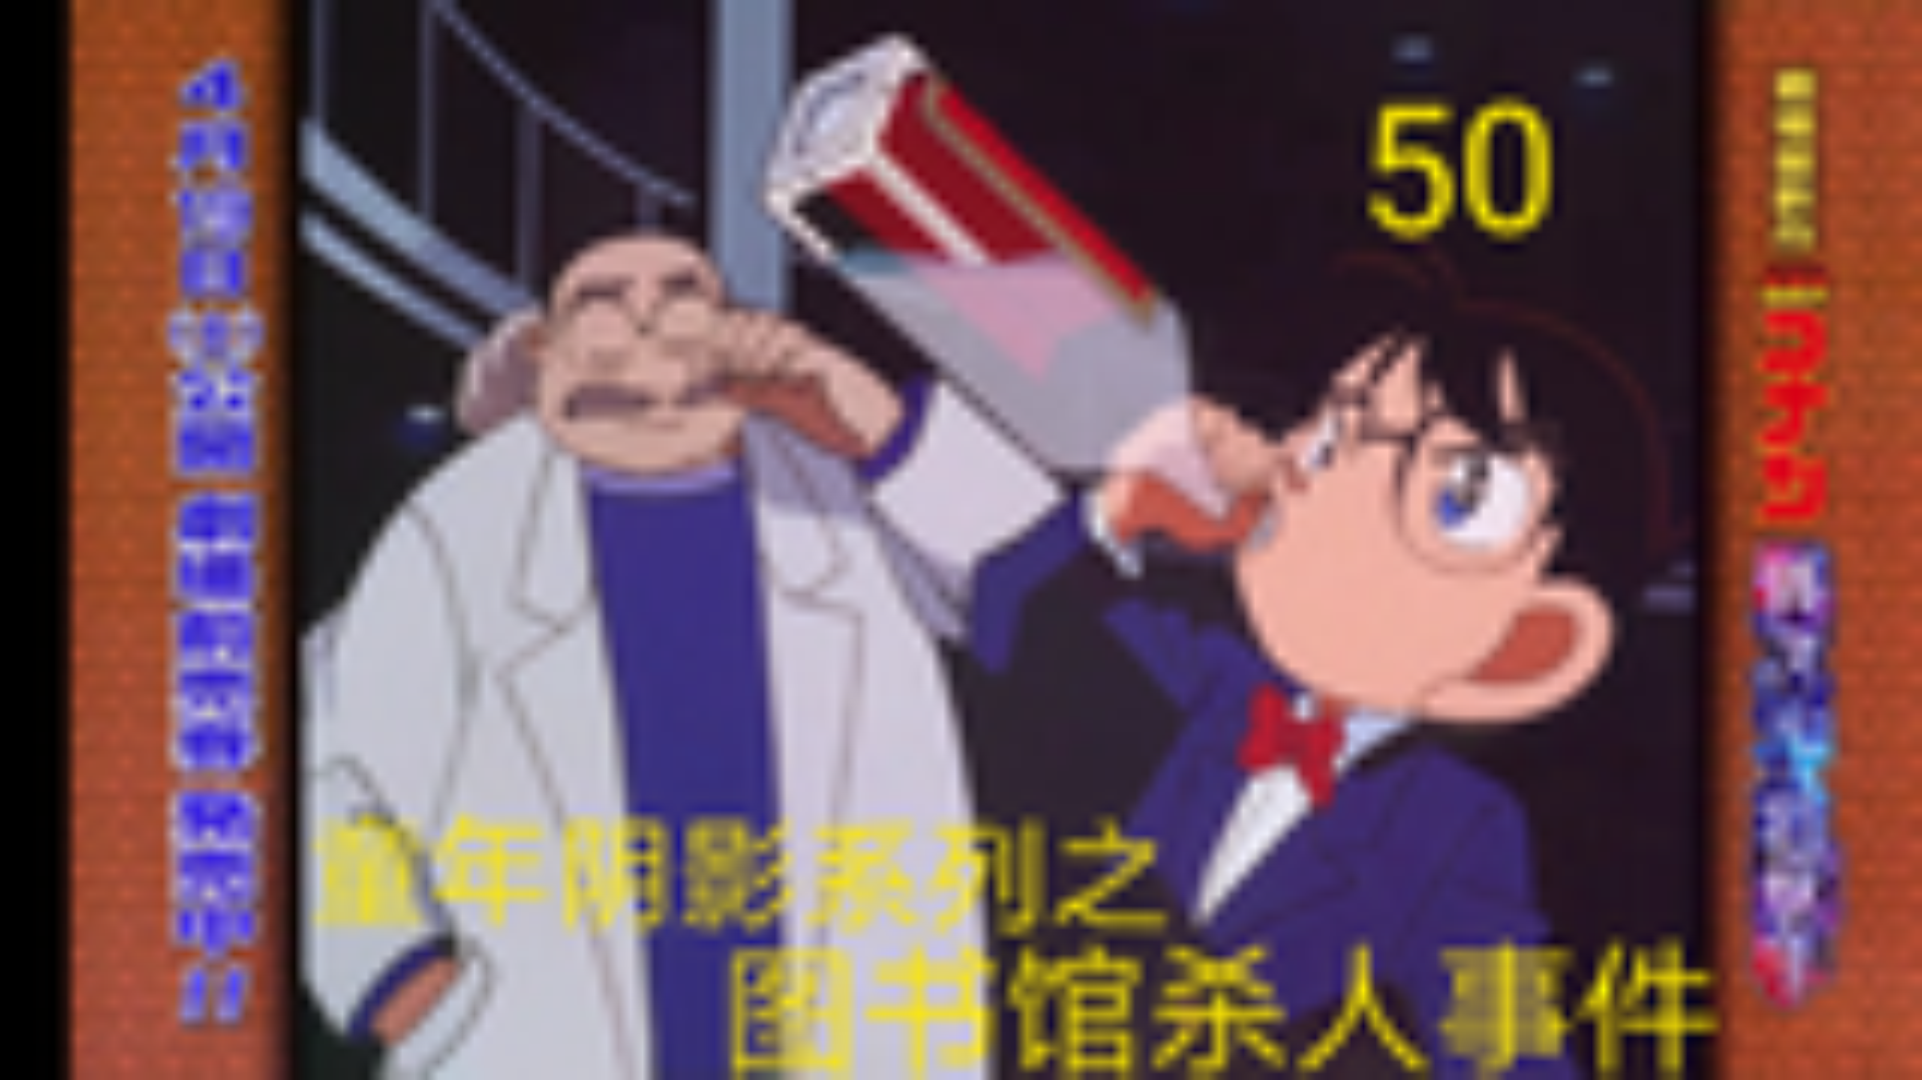 【名侦探柯南50】童年阴影系列之图书馆杀人事件